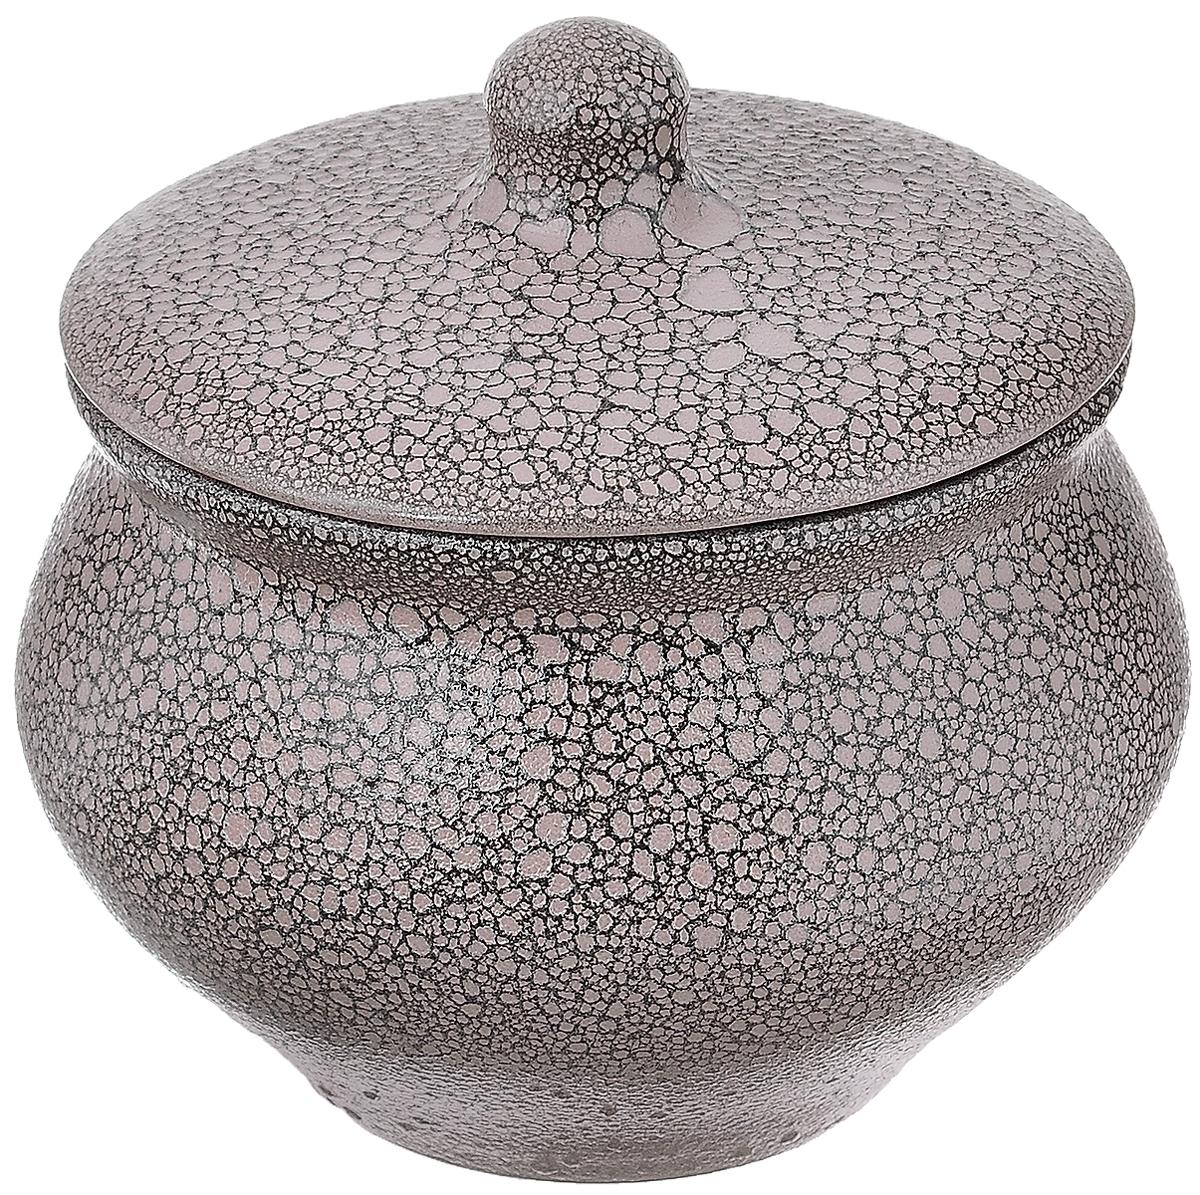 Горшок для жаркого Борисовская керамика Мрамор, 1,3 л115510Горшок для жаркого Борисовская керамика Мрамор выполнен из высококачественной керамики. Внутренняя поверхность покрыта глазурью, а внешние стенки имеют шероховатую поверхность под мрамор. Керамика абсолютно безопасна, поэтому изделие придется по вкусу любителям здоровой и полезной пищи. Горшок для запекания с крышкой очень вместителен и имеет удобную форму. Идеально подходит для приготовления 2-3 порций. Уникальные свойства красной глины и толстые стенки изделия обеспечивают эффект русской печи при приготовлении блюд. Это значит, что еда будет очень вкусной, сочной и здоровой. Посуда жаропрочная. Можно использовать в духовке и микроволновой печи.Диаметр горшочка (по верхнему краю): 15 см. Высота (без учета крышки): 12 см.